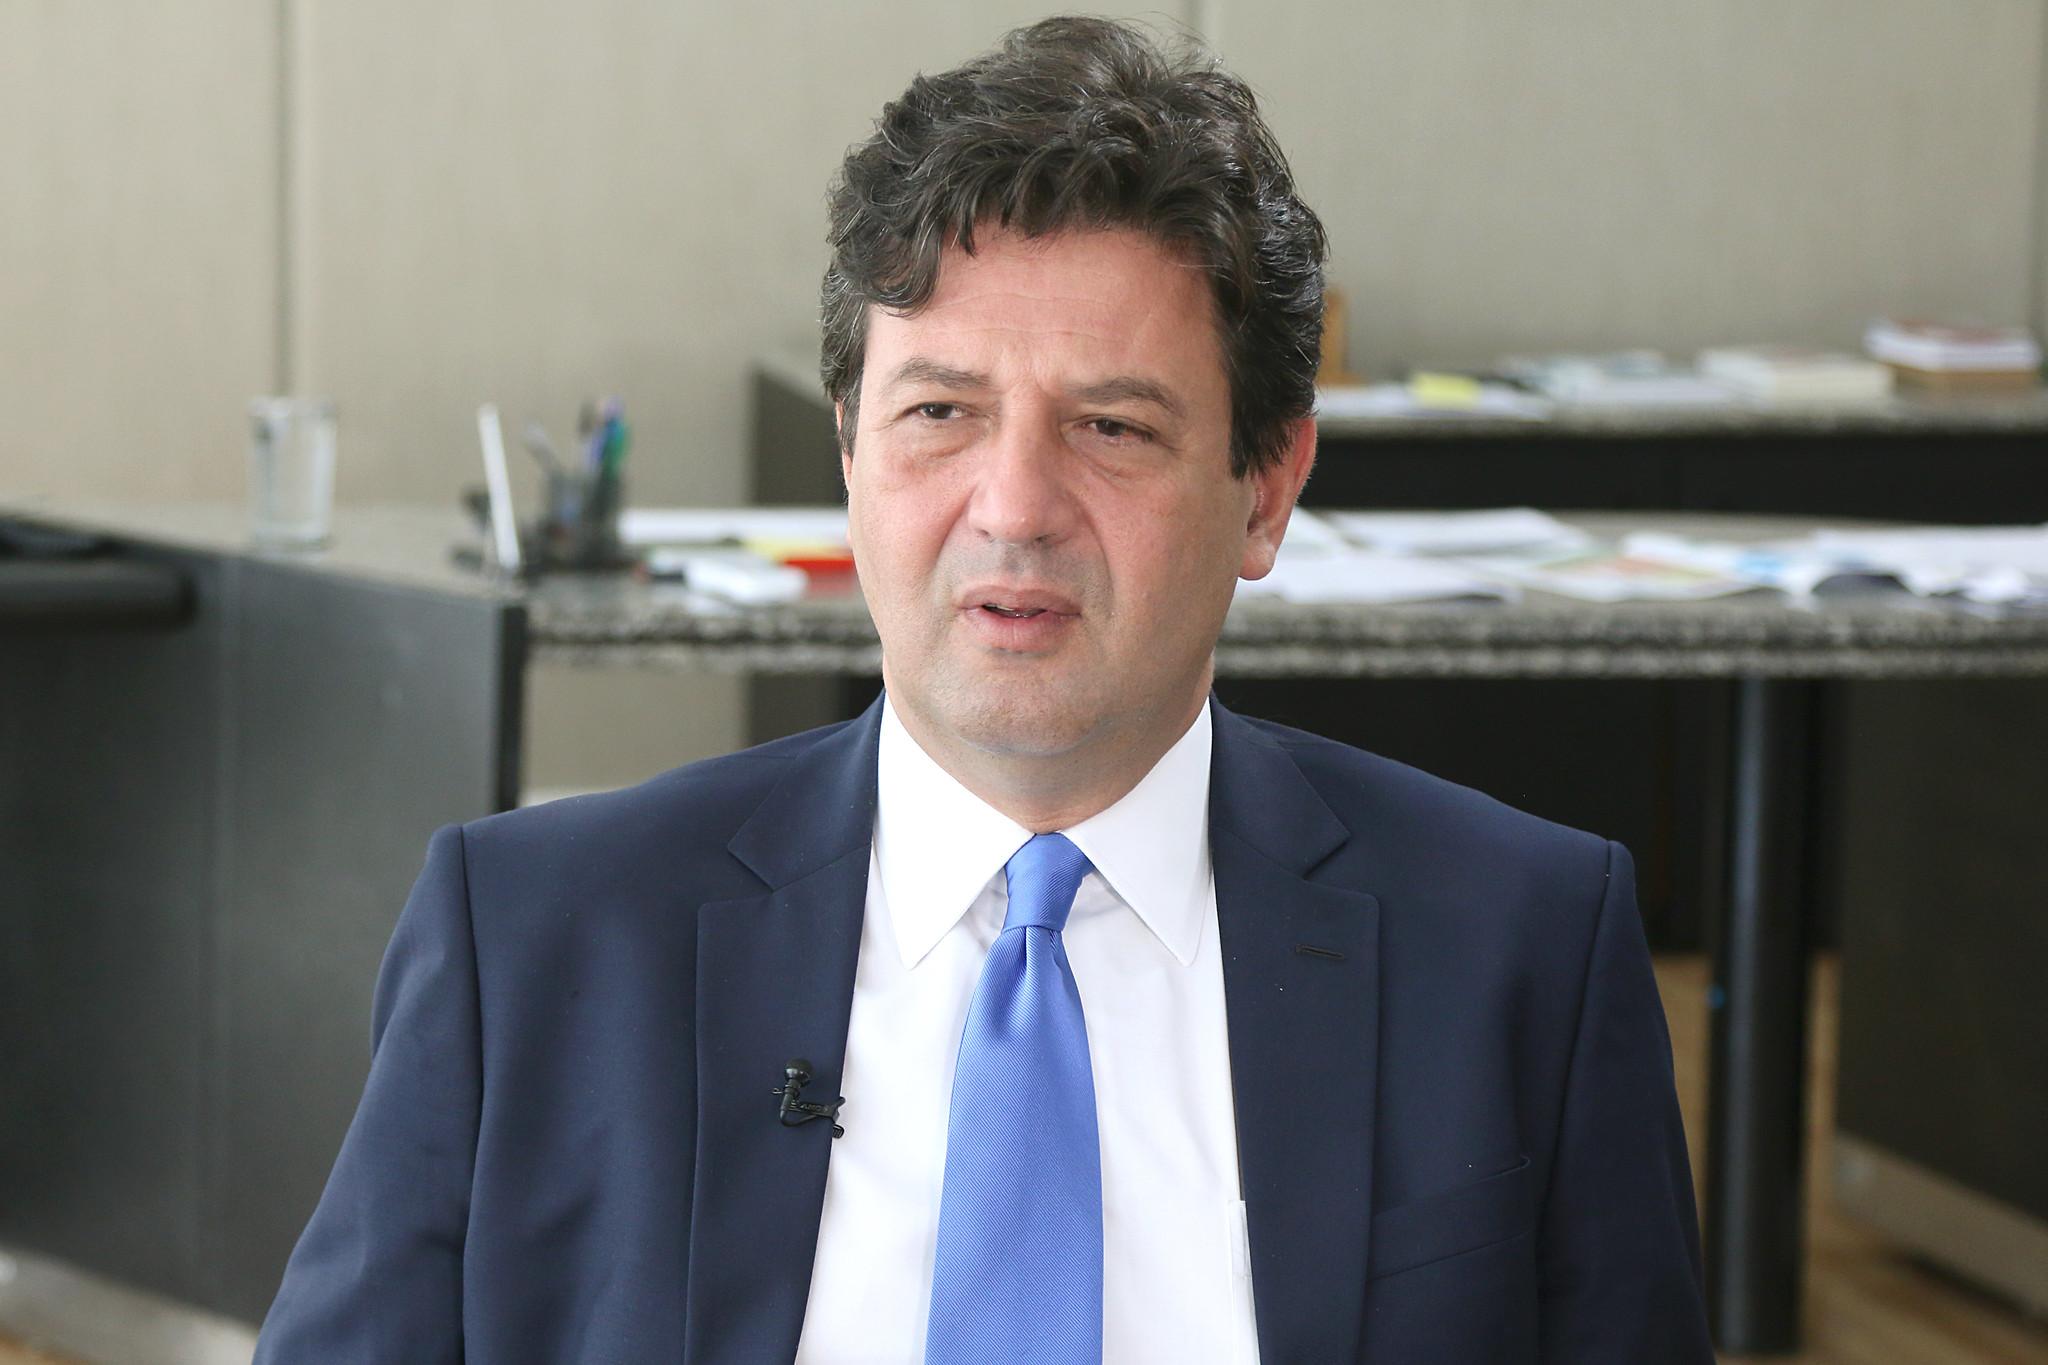 IMAGEM: 'Crime organizado e premeditado', diz Mandetta, sobre suposta fala de Braga Netto